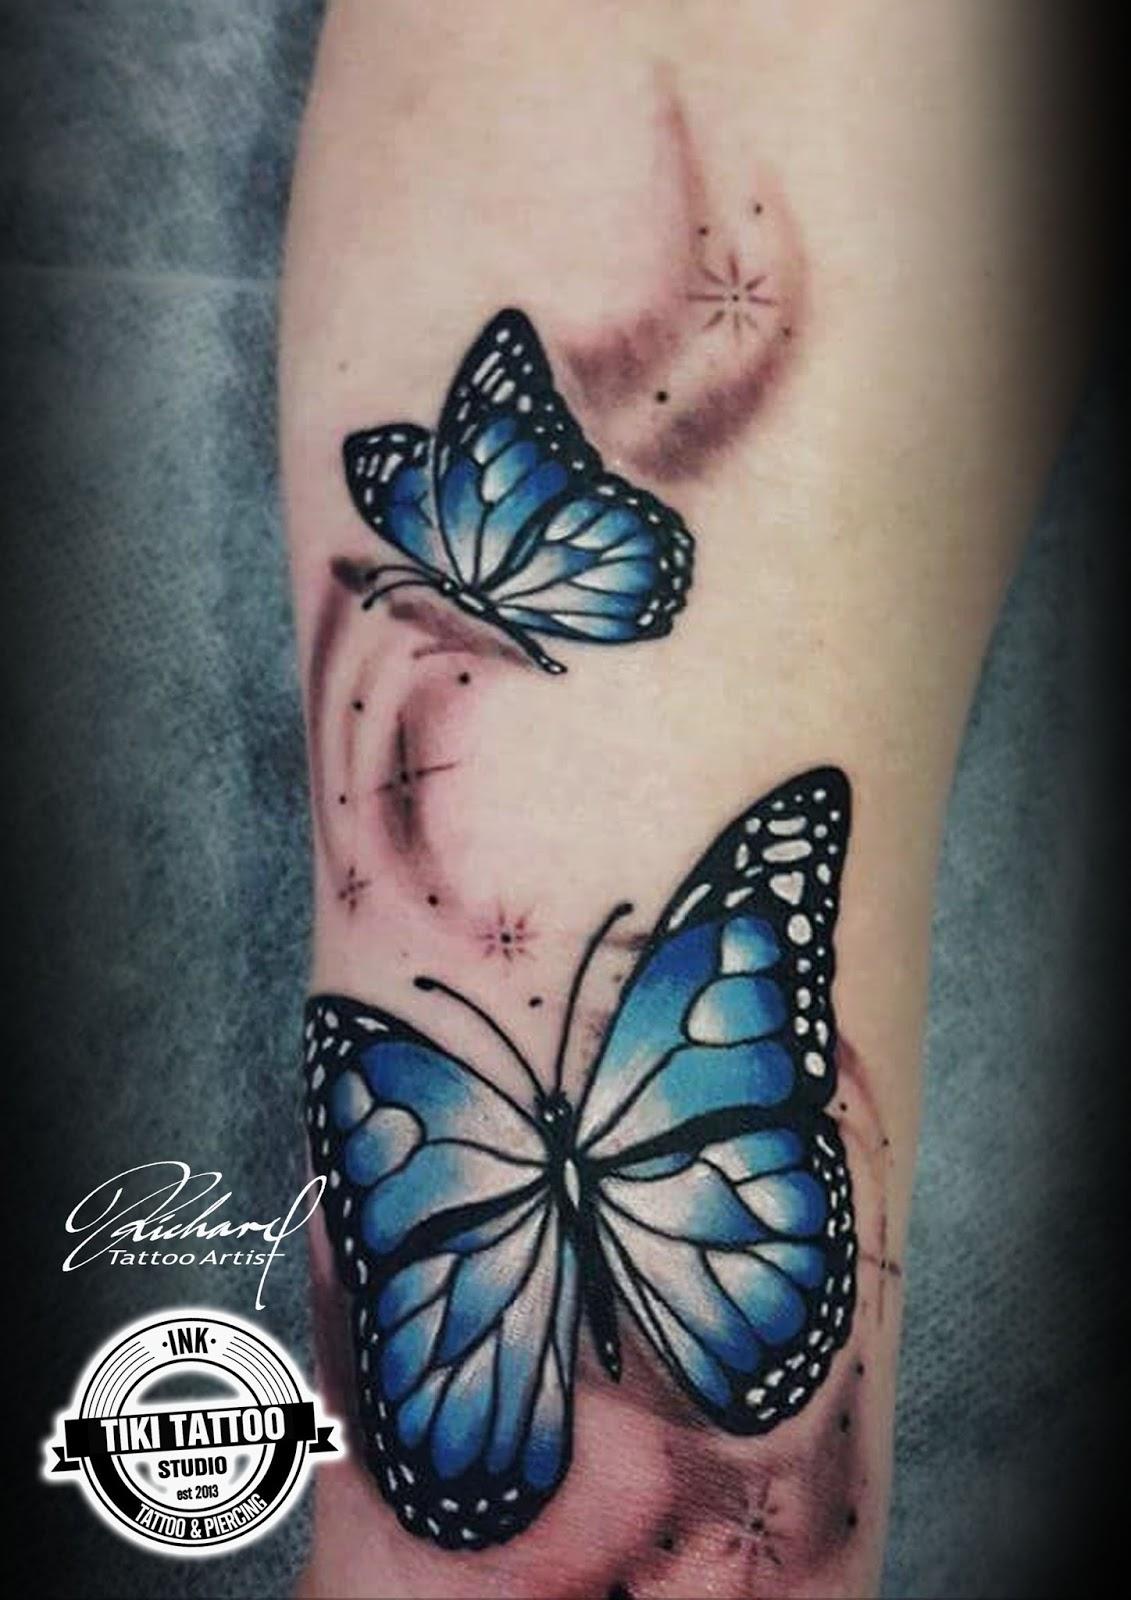 Tiki Tattoo Studios Tatuajes De Mariposas Cual Es El Significado